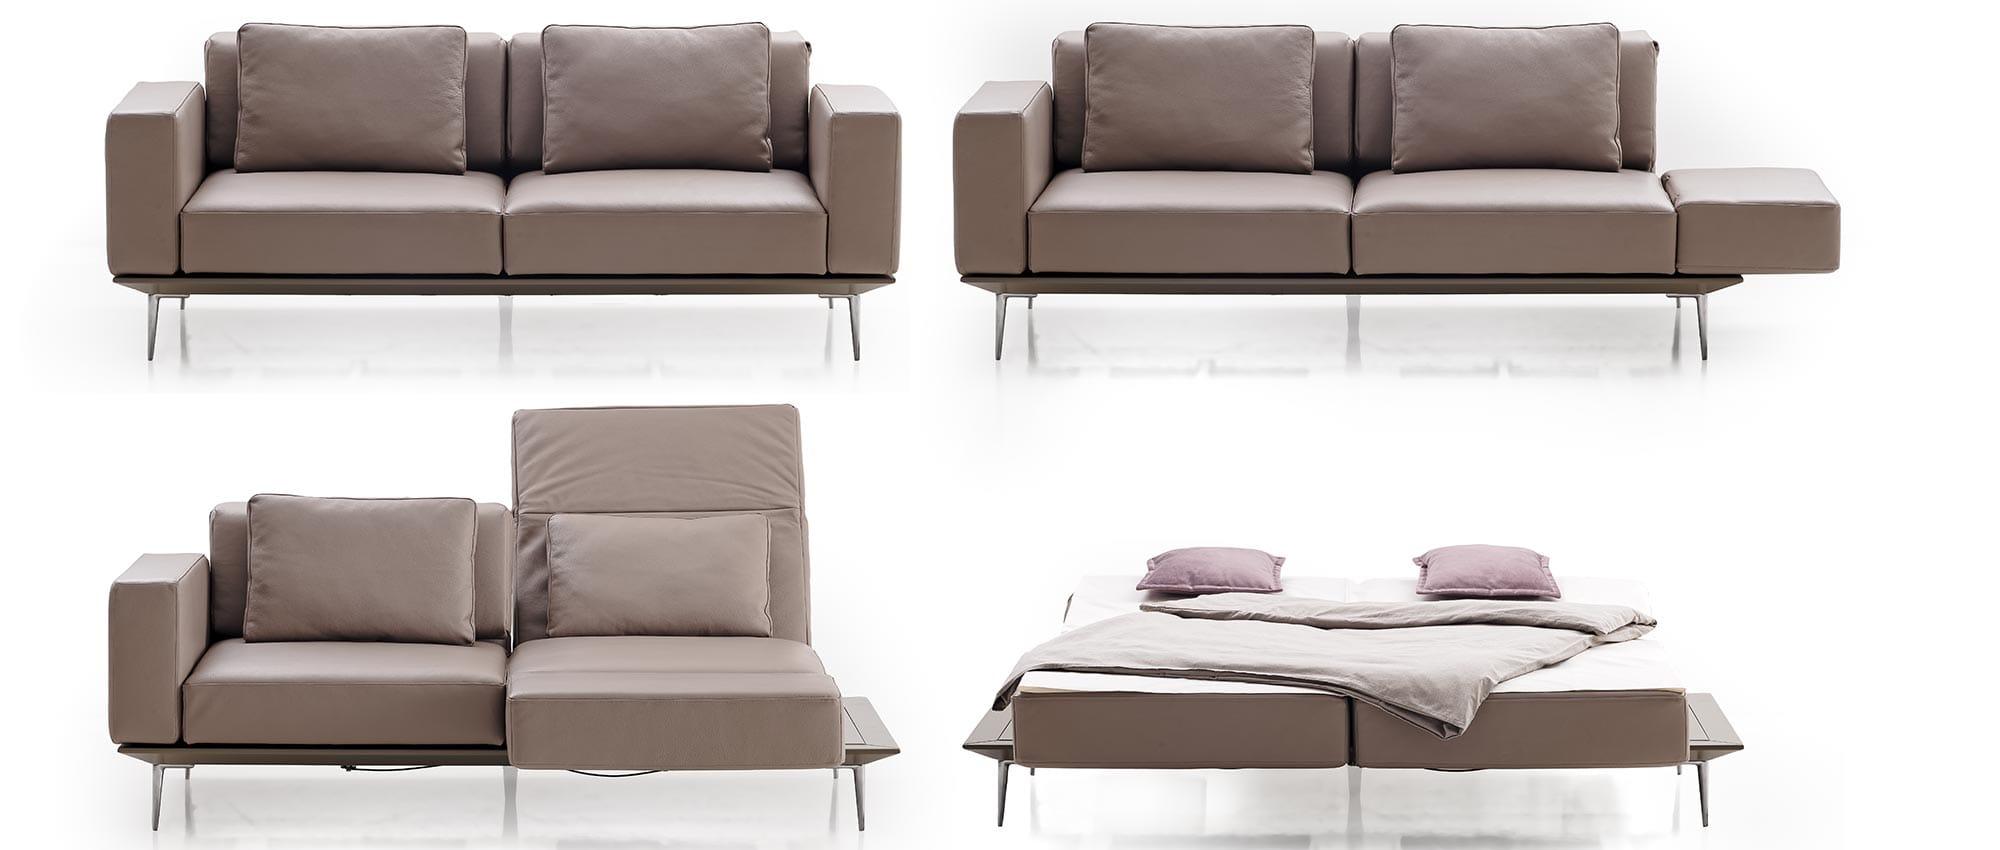 Schlafsofa MILAN von Franz Fertig in verschiedenen Positionen. Schlafposition, Relaxposition, Loungeposition. Als Einzelbett und Doppelbett nutzbar. Leder und Stoff sind bei Franz Fertig wählbar.